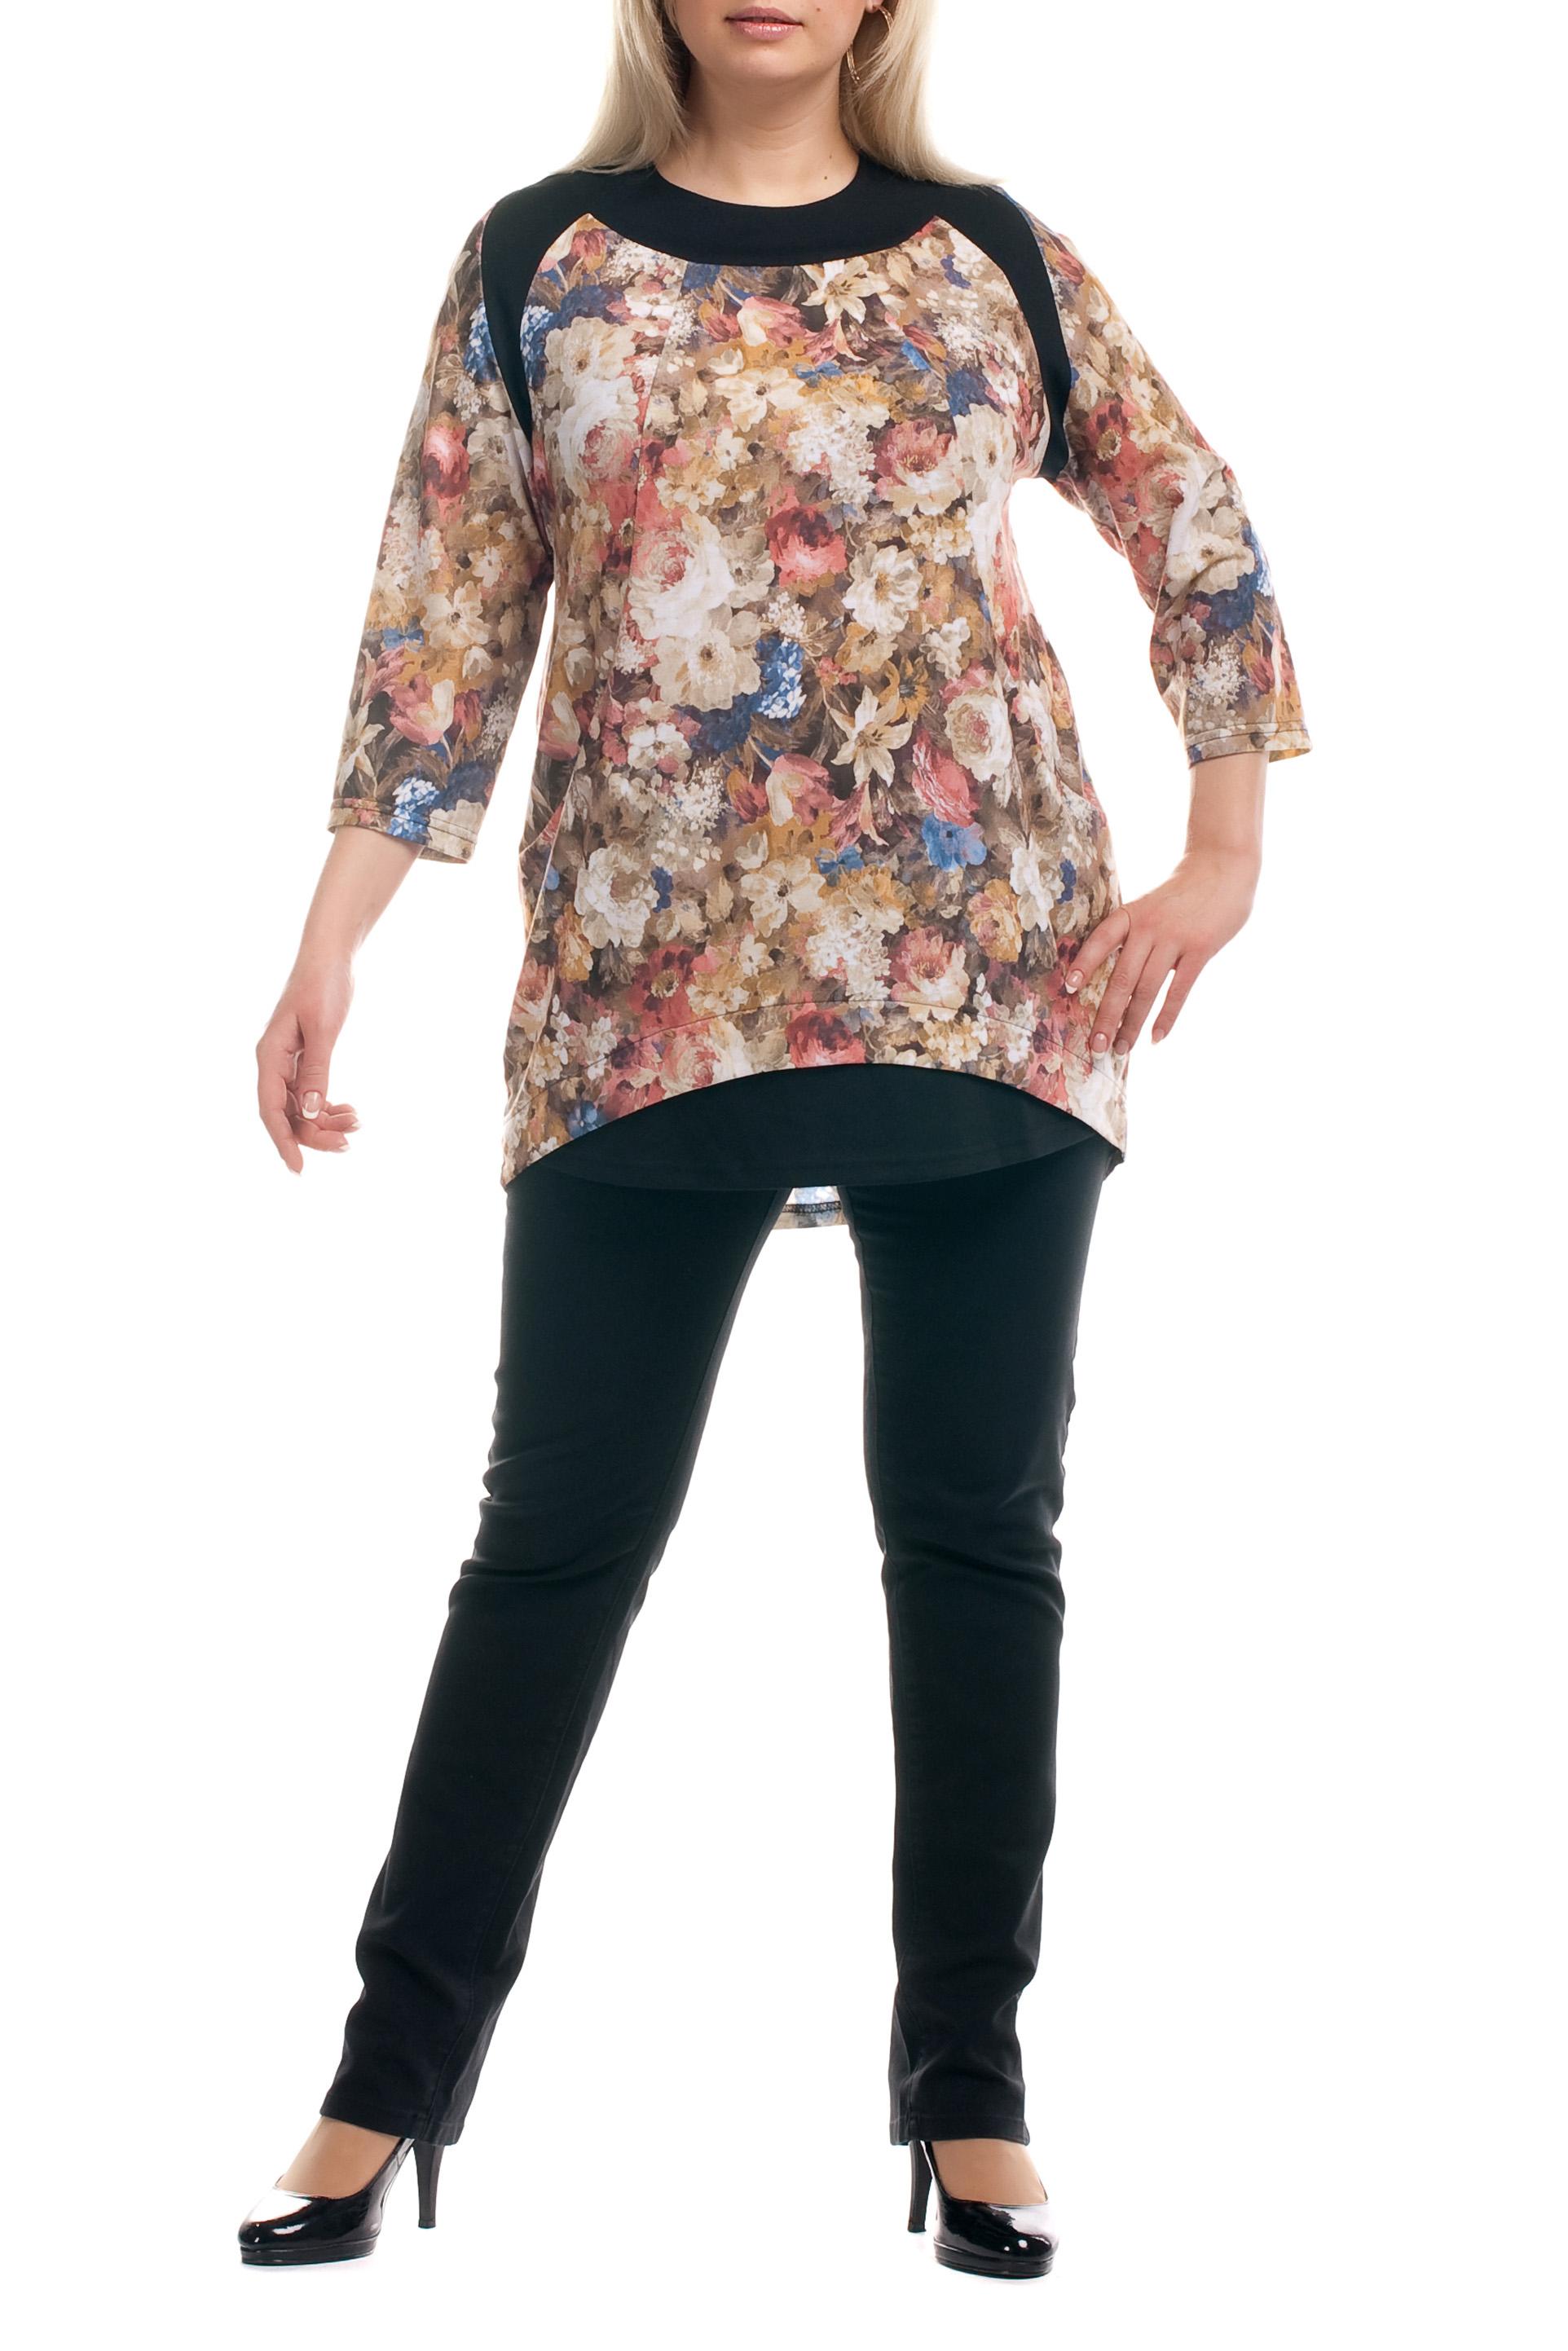 ТуникаТуники<br>Удлиненная женская туника с фигурной горловиной и рукавами 3/4. Модель выполнена из плотного трикотажа. Отличный выбор для повседневного гардероба.  Цвет: бежевый, мультицвет  Рост девушки-фотомодели 173 см.<br><br>Горловина: С- горловина<br>По материалу: Вискоза,Трикотаж<br>По рисунку: Растительные мотивы,Цветные,Цветочные<br>По сезону: Весна,Осень<br>По силуэту: Прямые<br>По стилю: Повседневный стиль<br>По элементам: С декором,С карманами<br>Рукав: Рукав три четверти<br>Размер : 52,54,56,62,64<br>Материал: Трикотаж<br>Количество в наличии: 8